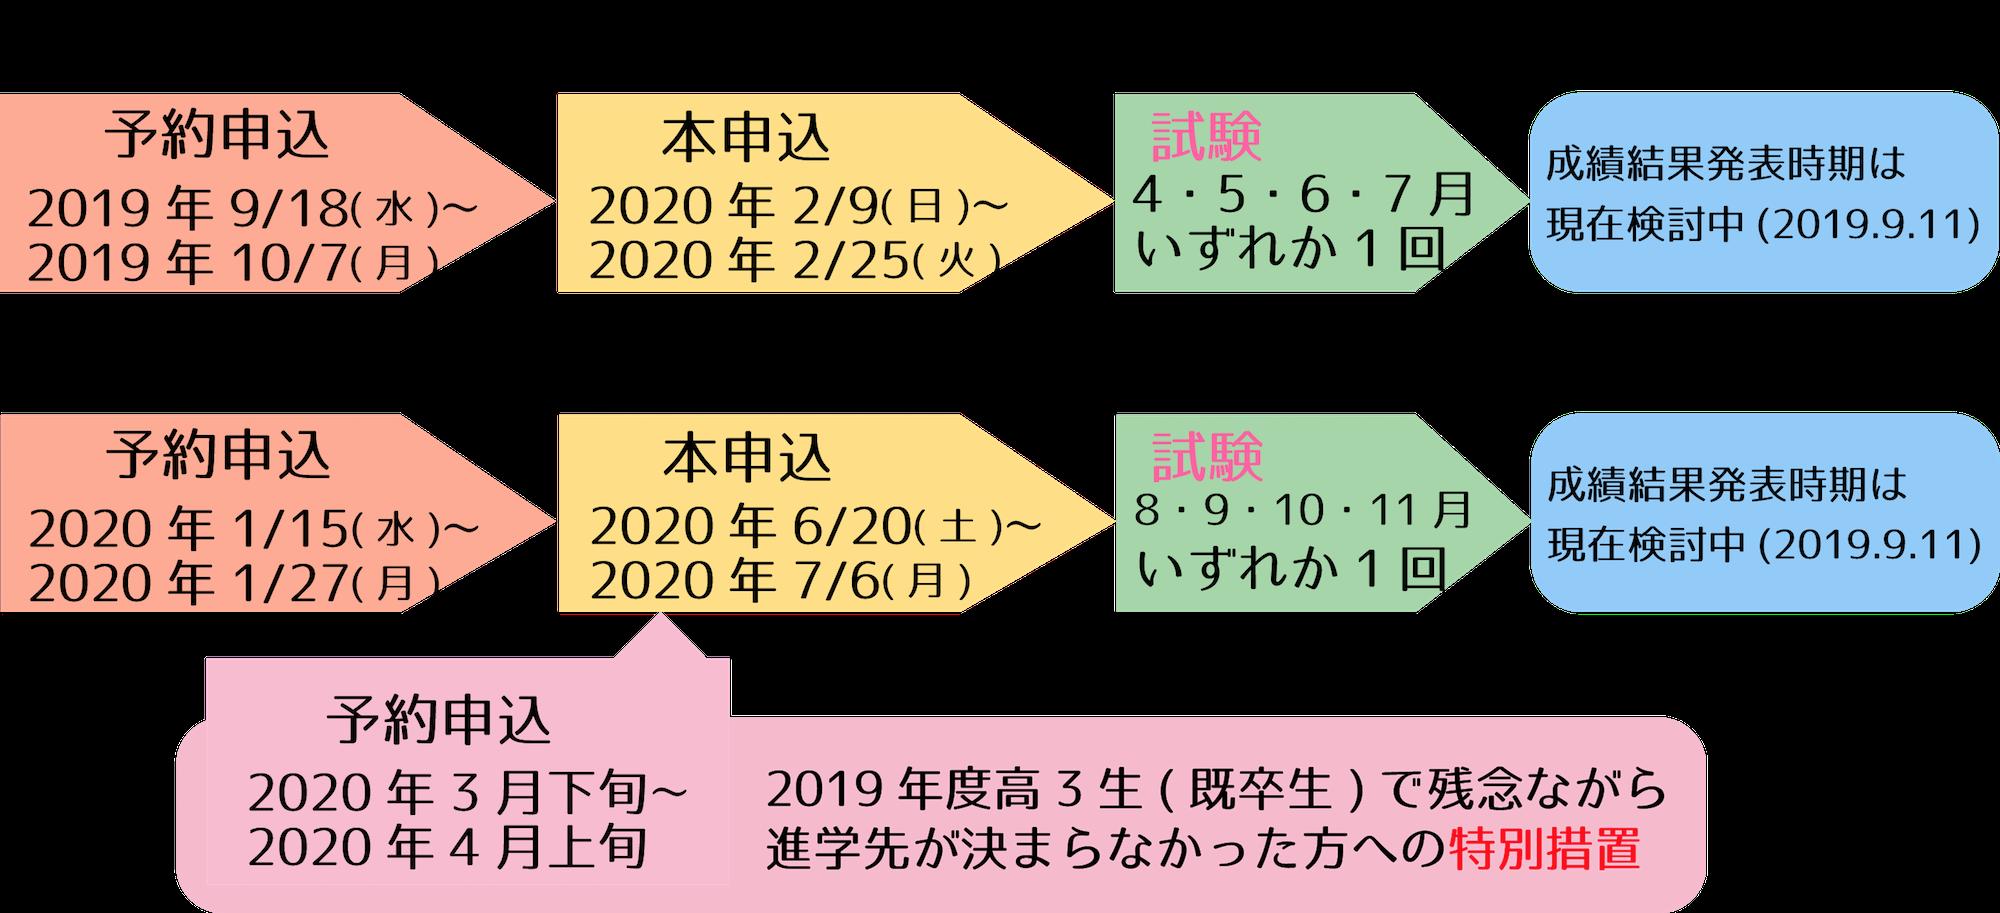 英検S-CBTスケジュール2020